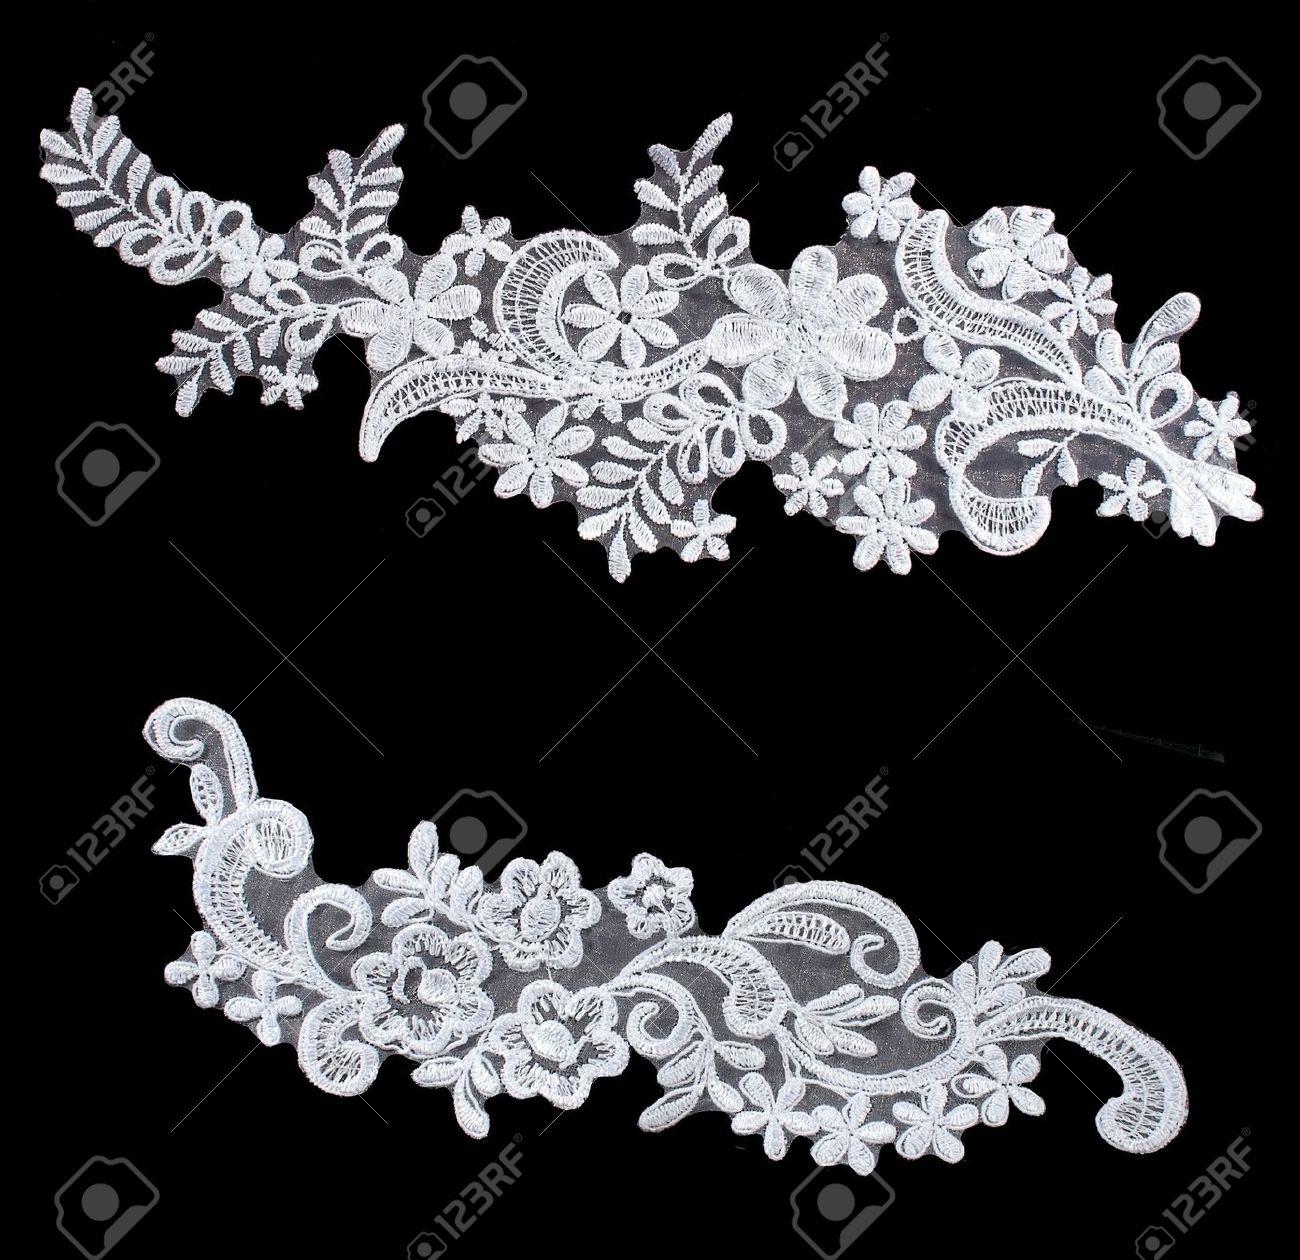 luxury wedding flower lace set  isolated on black background Stock Photo - 10214677